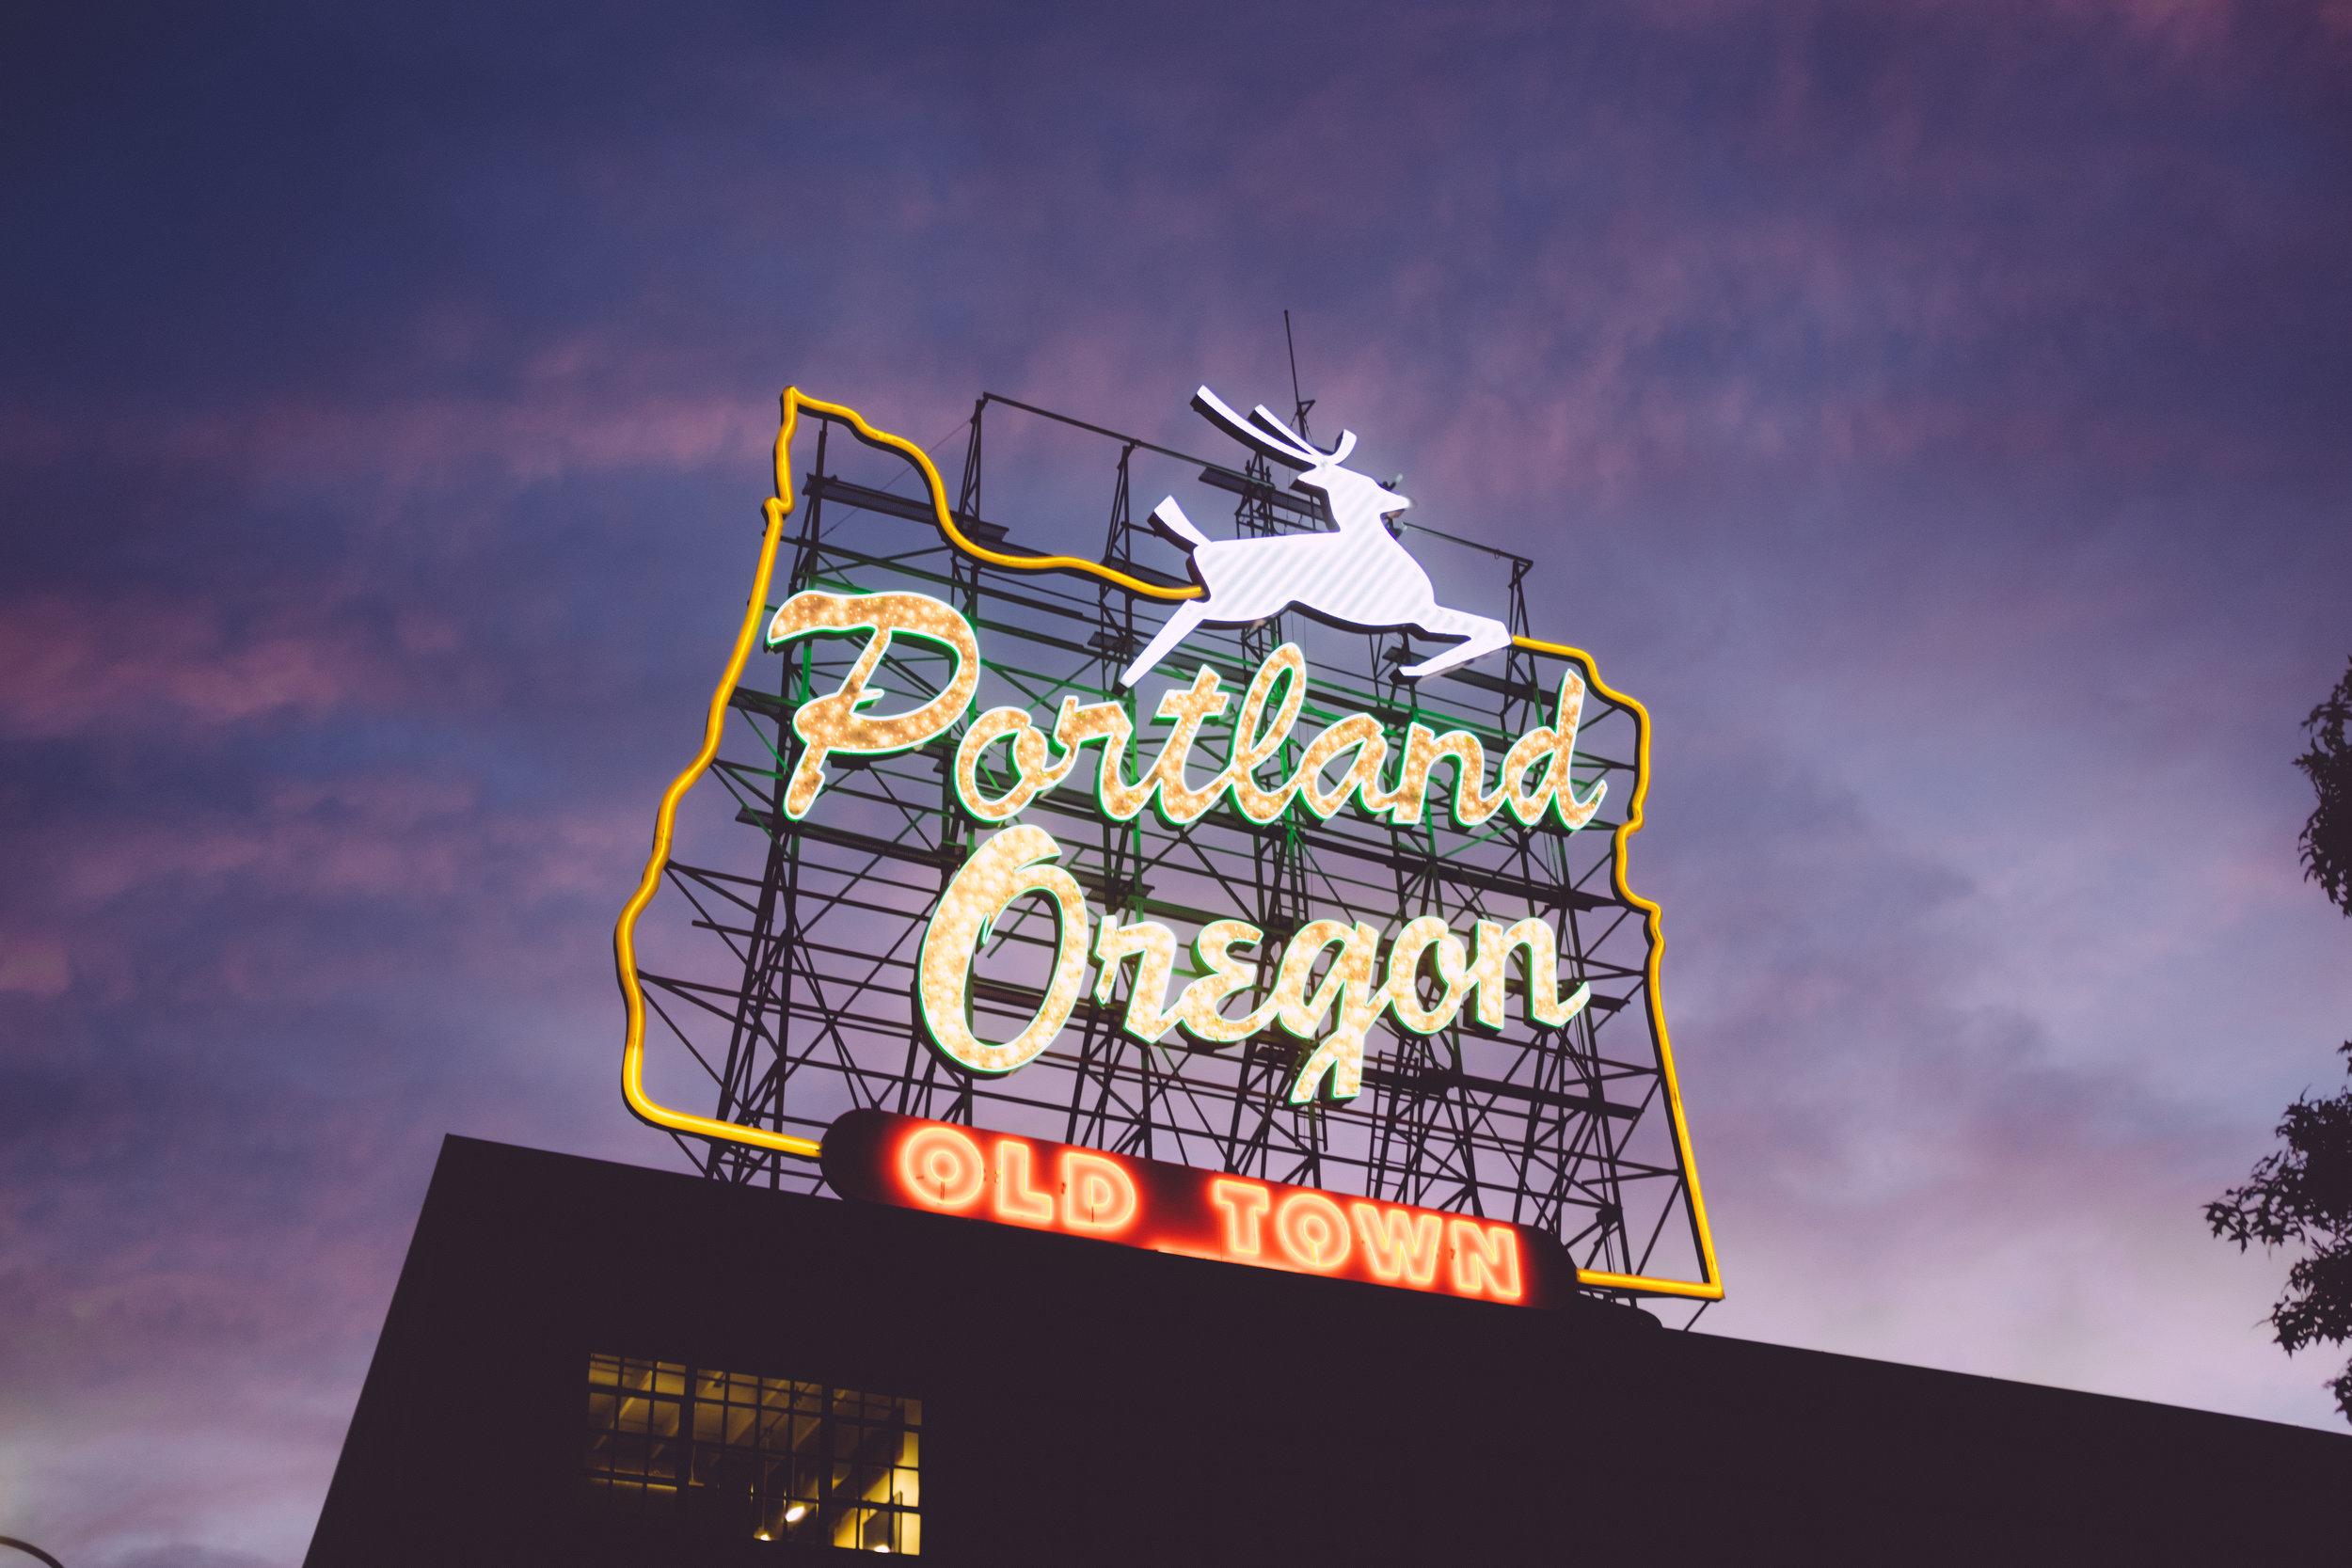 Portland, Oregon photo by Zach Spears.